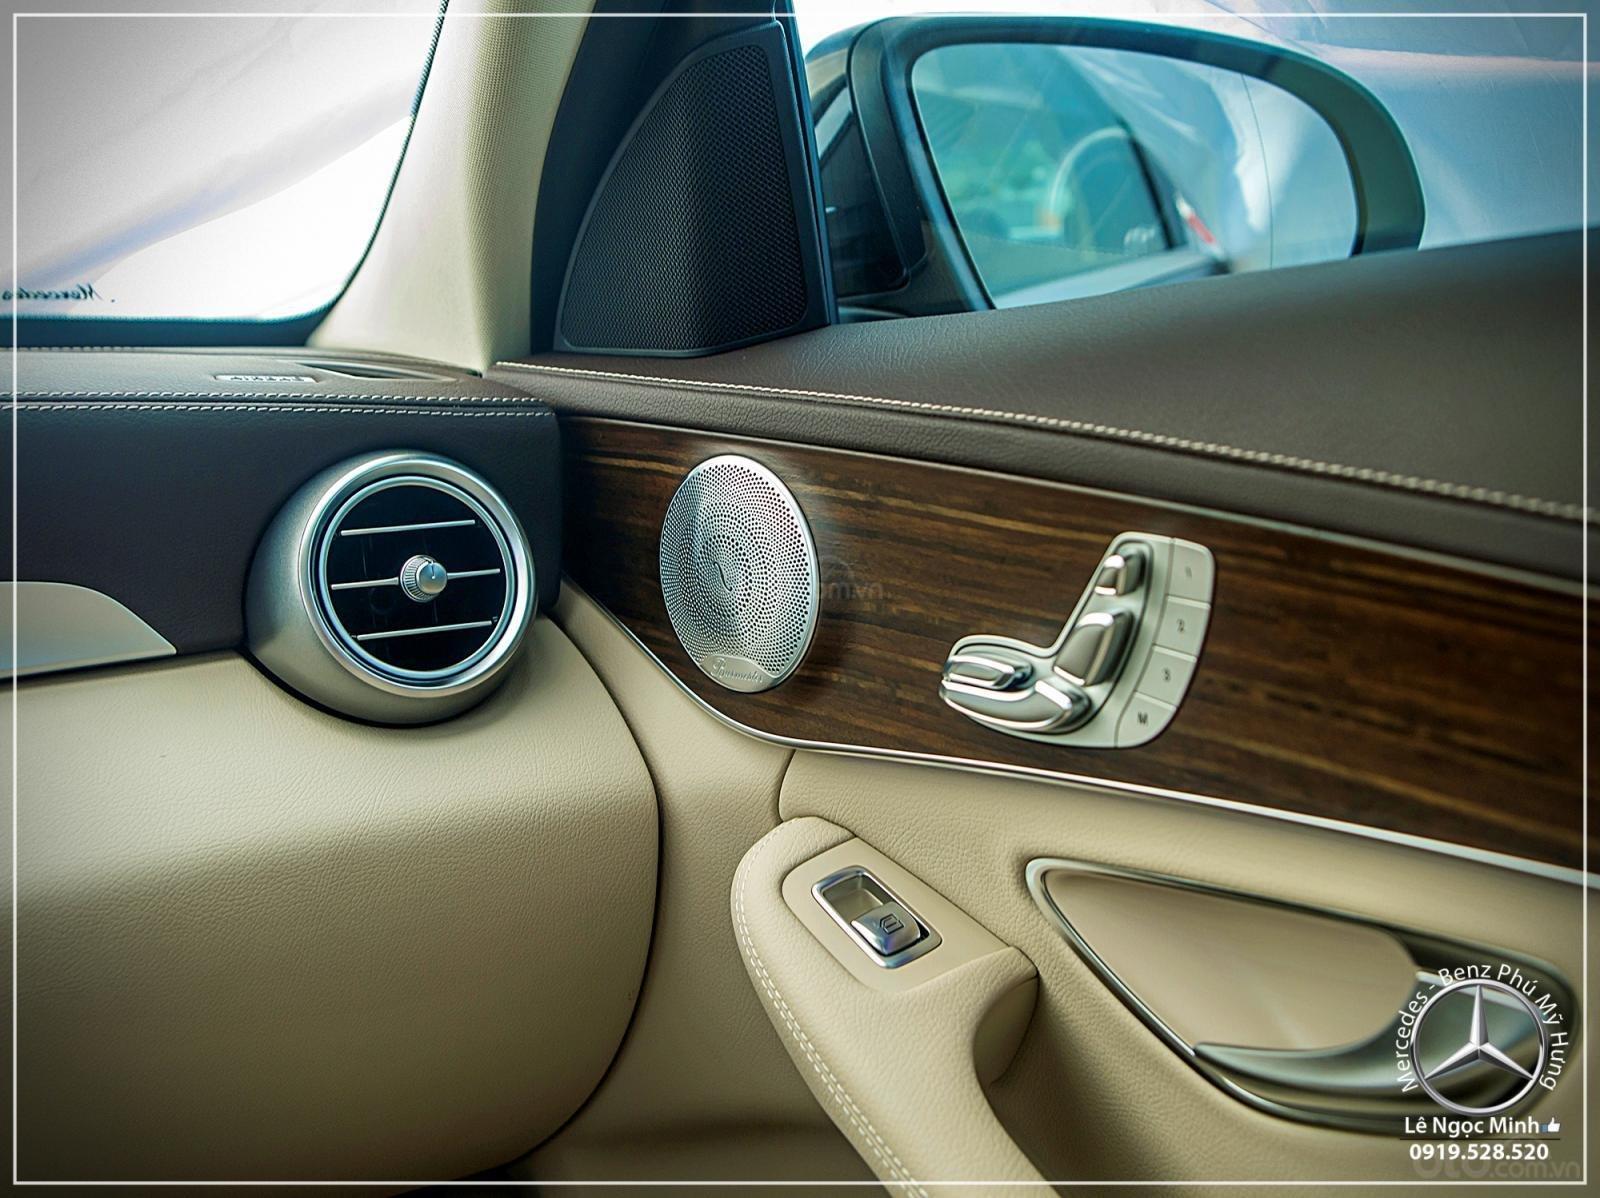 Mercedes-Benz C200 Exclusive - Hỗ trợ 100% phí trước bạ - Ưu đãi khủng trong tháng. LH: 0919 528 520-6